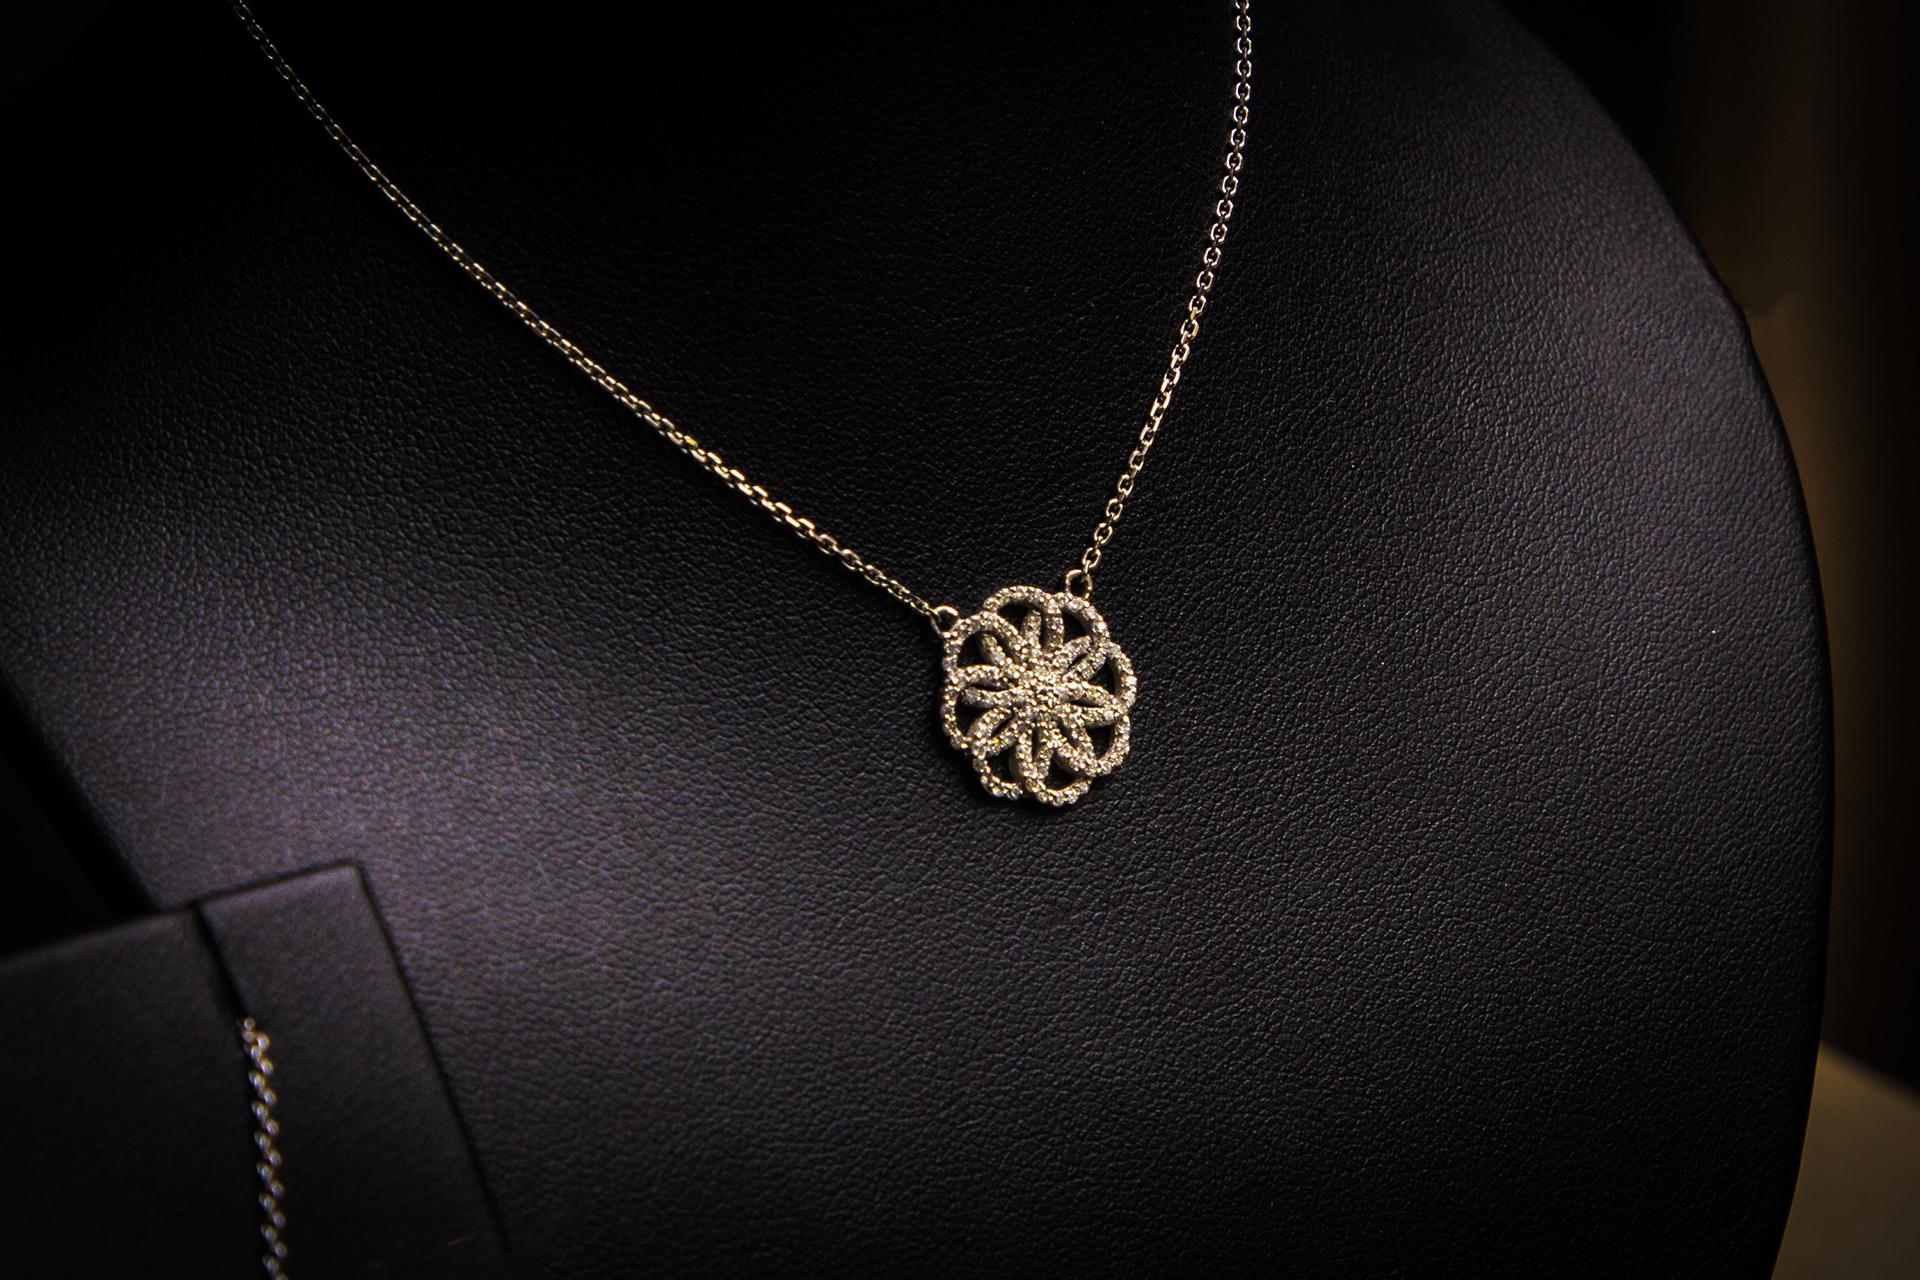 bijouterie-verneau-collier-or-diamand-fashion-design-fantaisie-cadeau-bijoux-bijoutier-tradition-toulon-la-garde-var